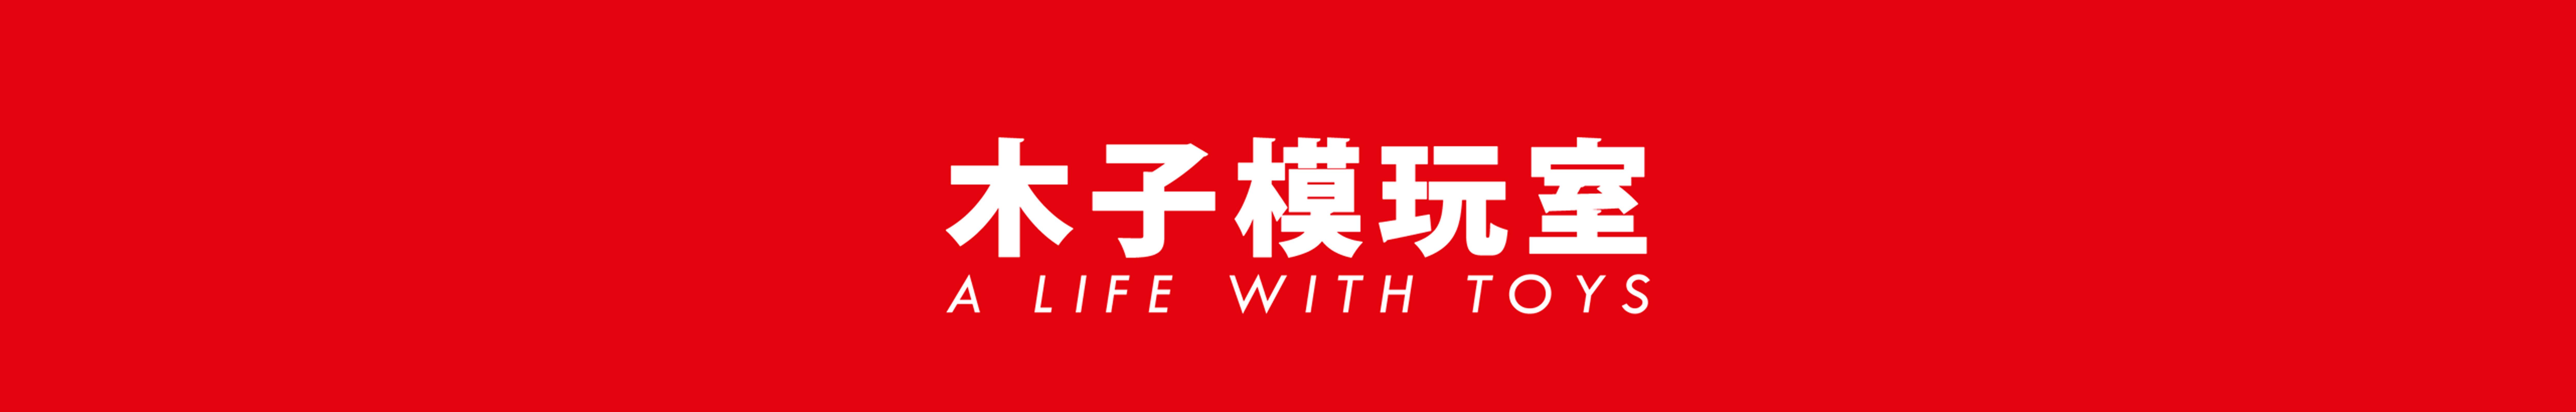 木子模玩室 banner